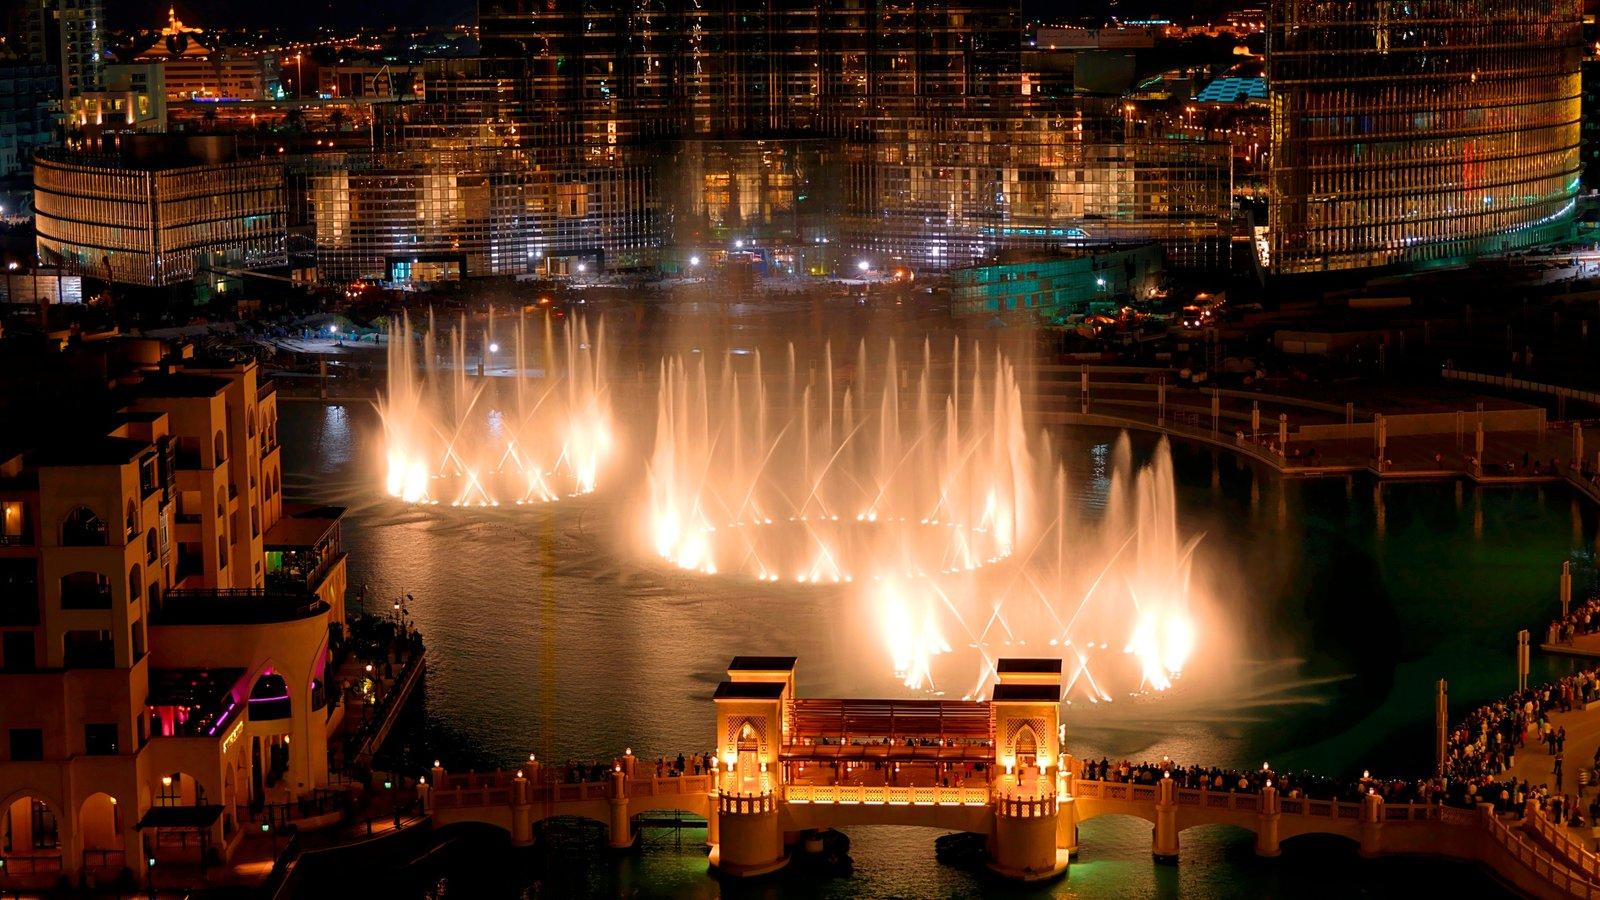 The Dubai Fountain which includes a bridge, night scenes and cbd